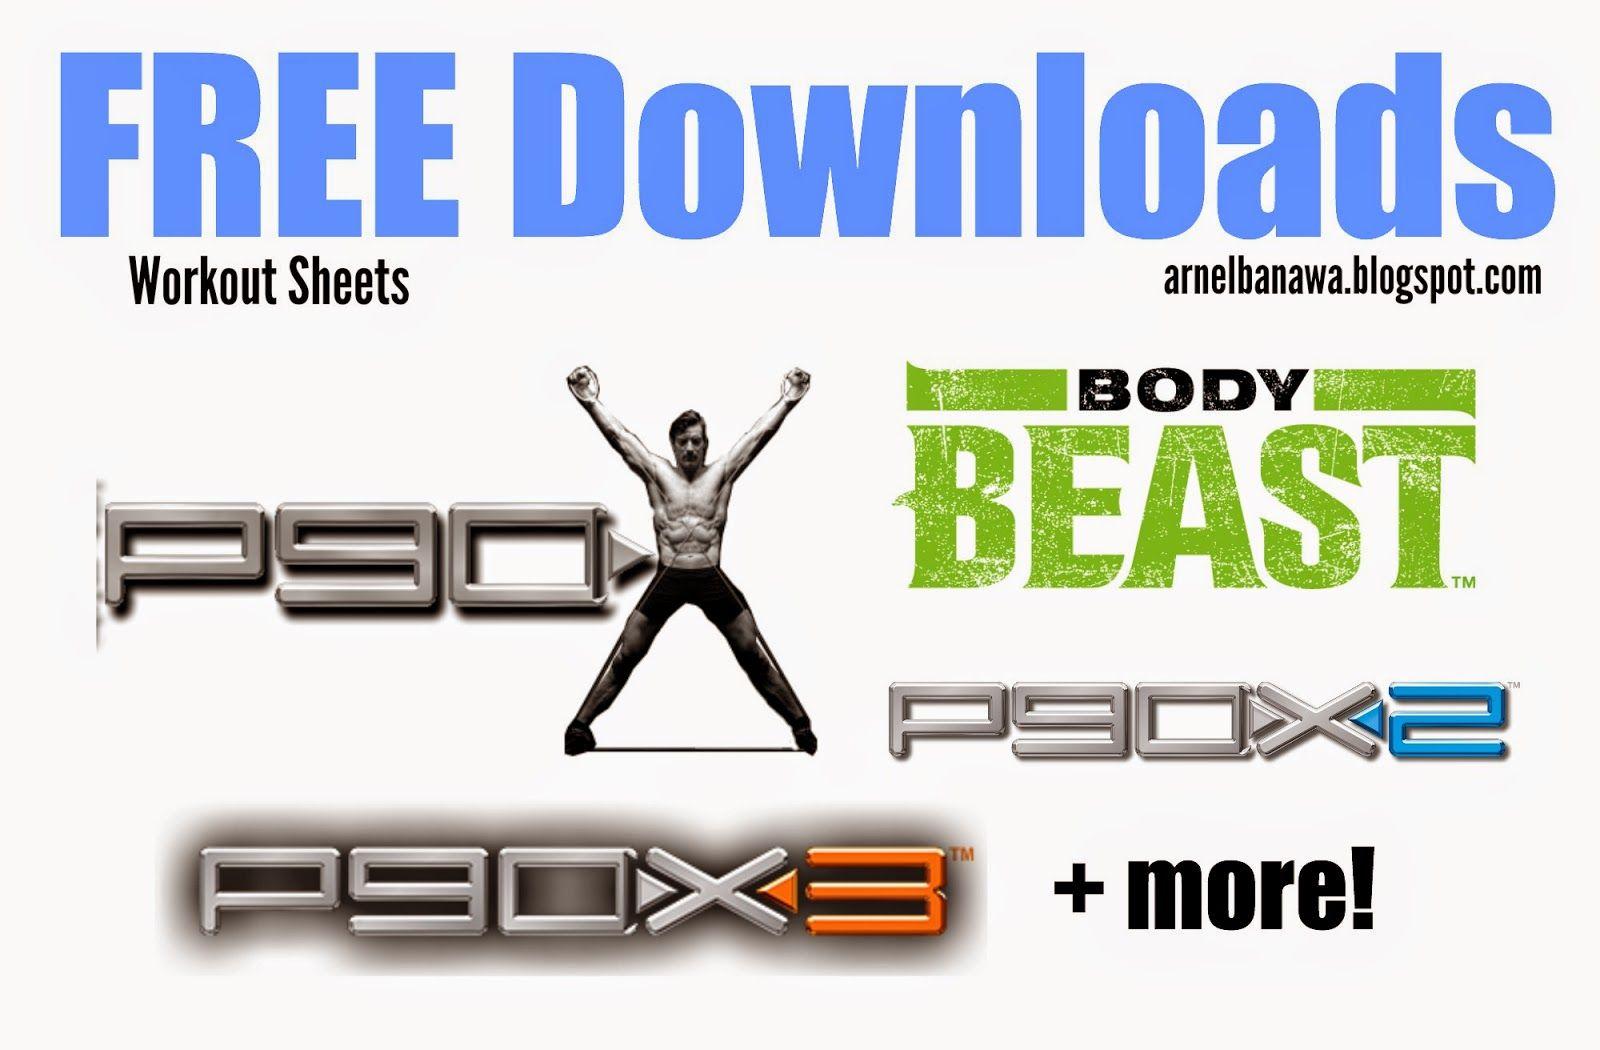 Free P90x Body Beast Workout Sheets